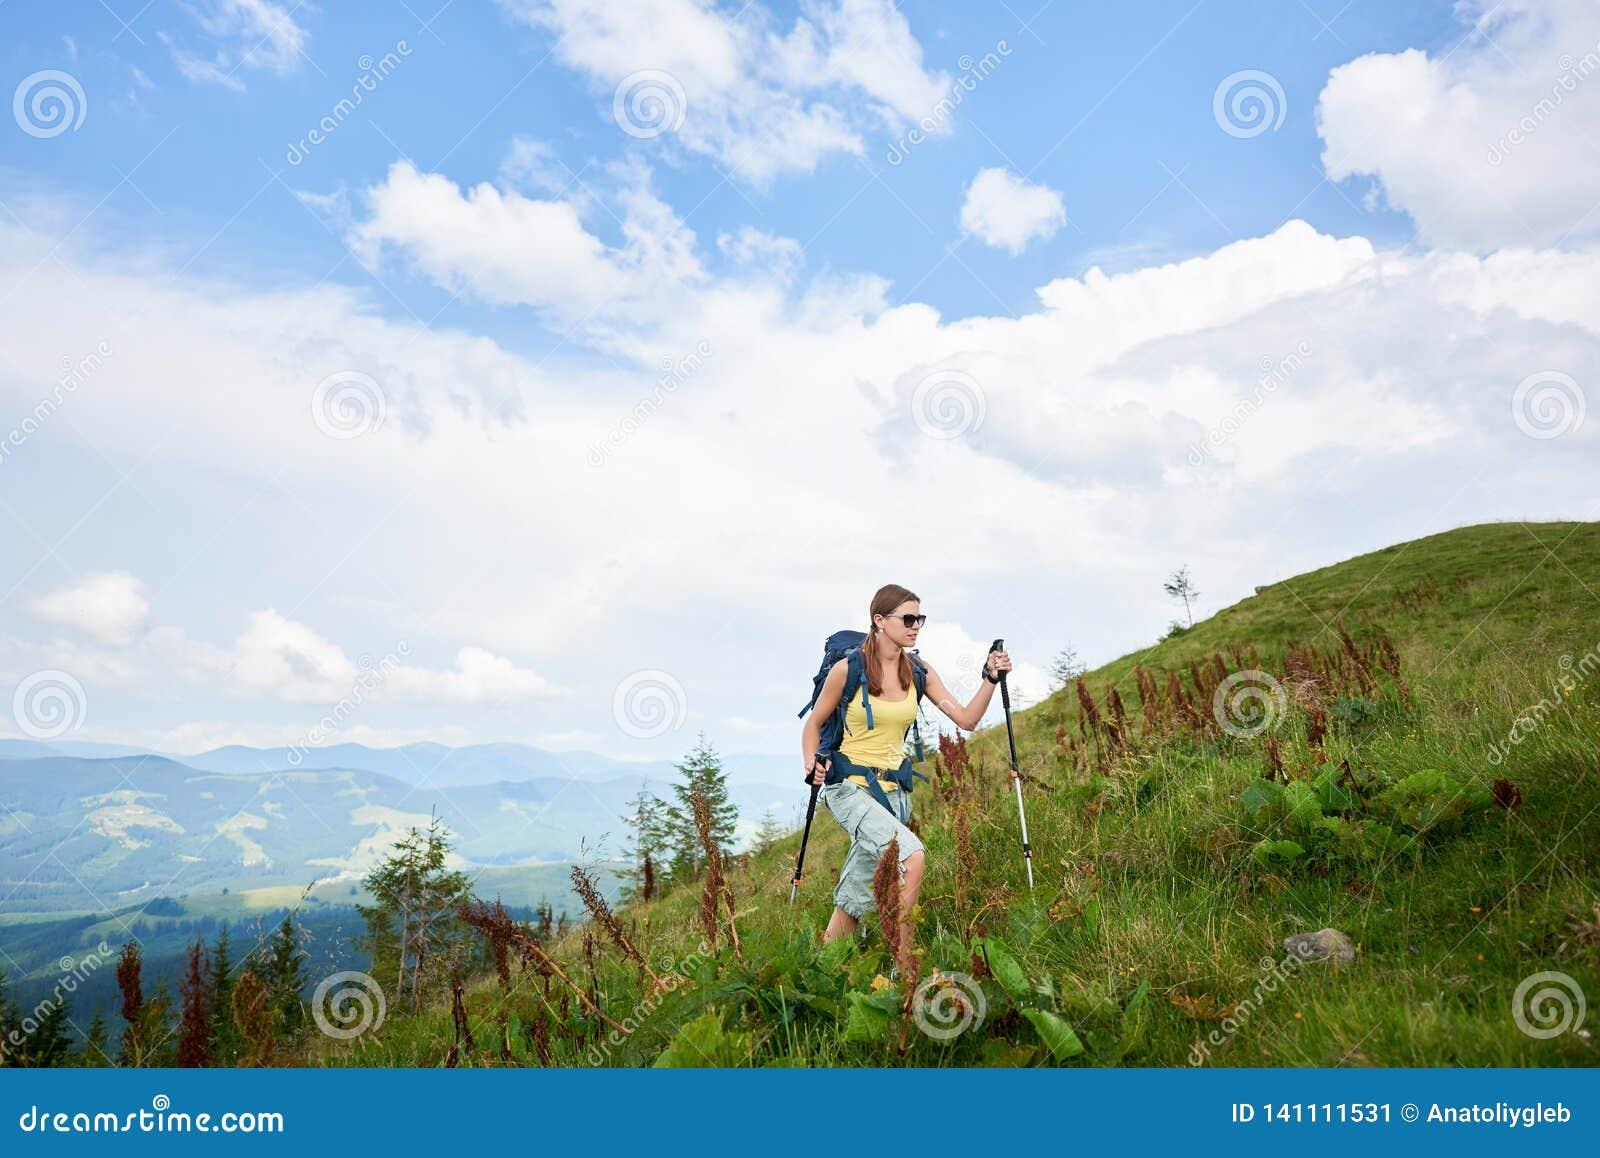 Le randonneur de femme trimardant sur la colline herbeuse, sac à dos de port, utilisant le trekking colle dans les montagnes